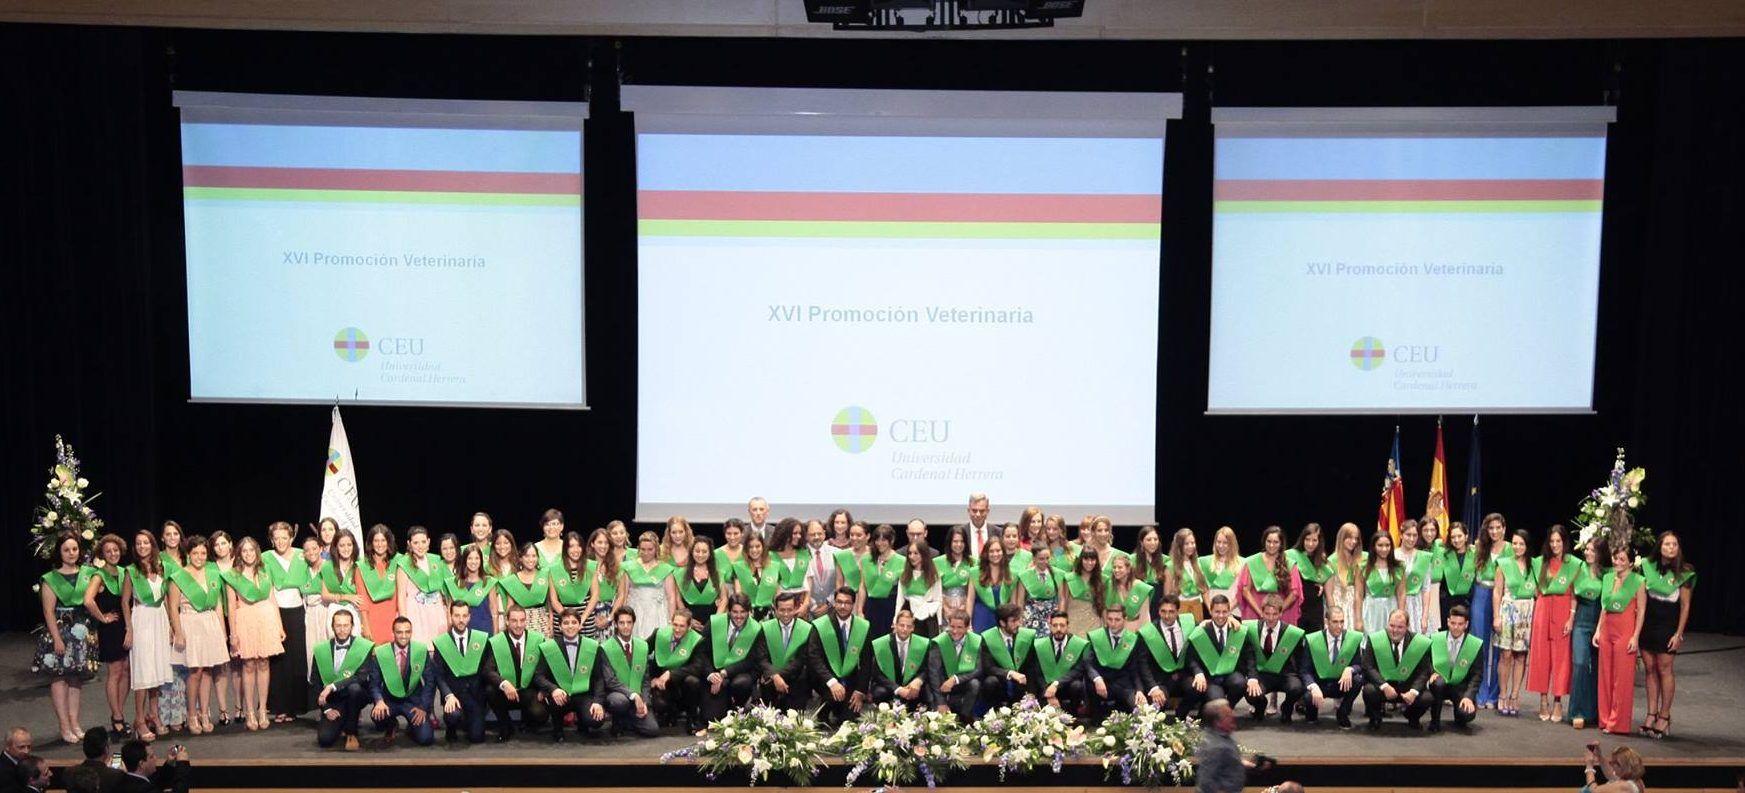 XVI Promoción Graduados Veterinaria